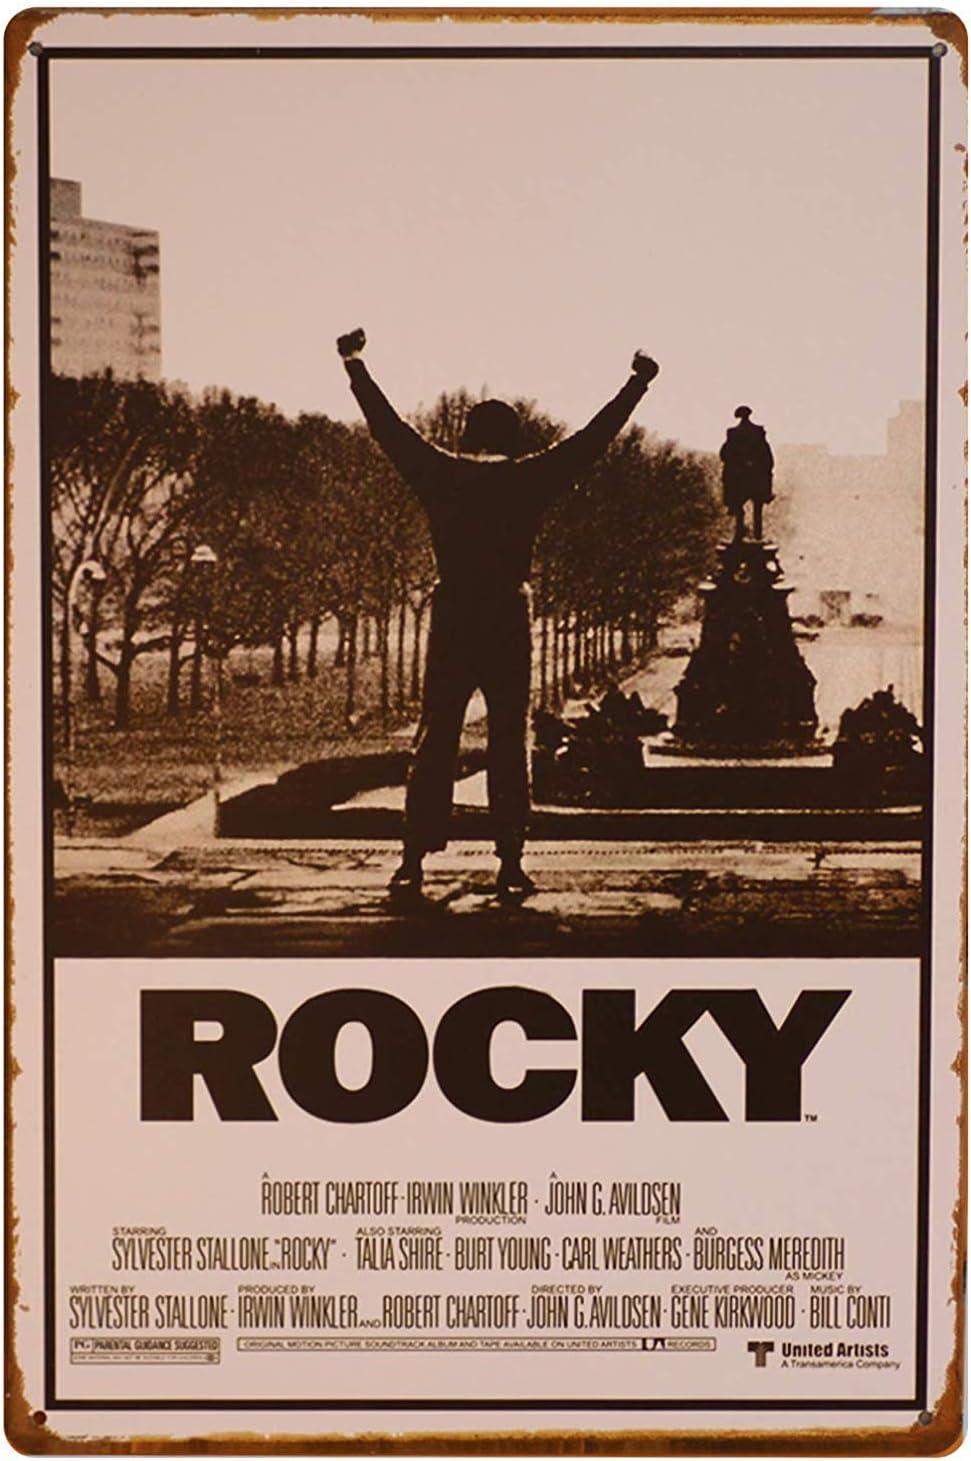 Forry Rocky M/étal Mur Affiche Vintage Plaque /Étain Signe R/étro D/écorer Artisanat pour Caf/é Bar Garage Salon Chambre